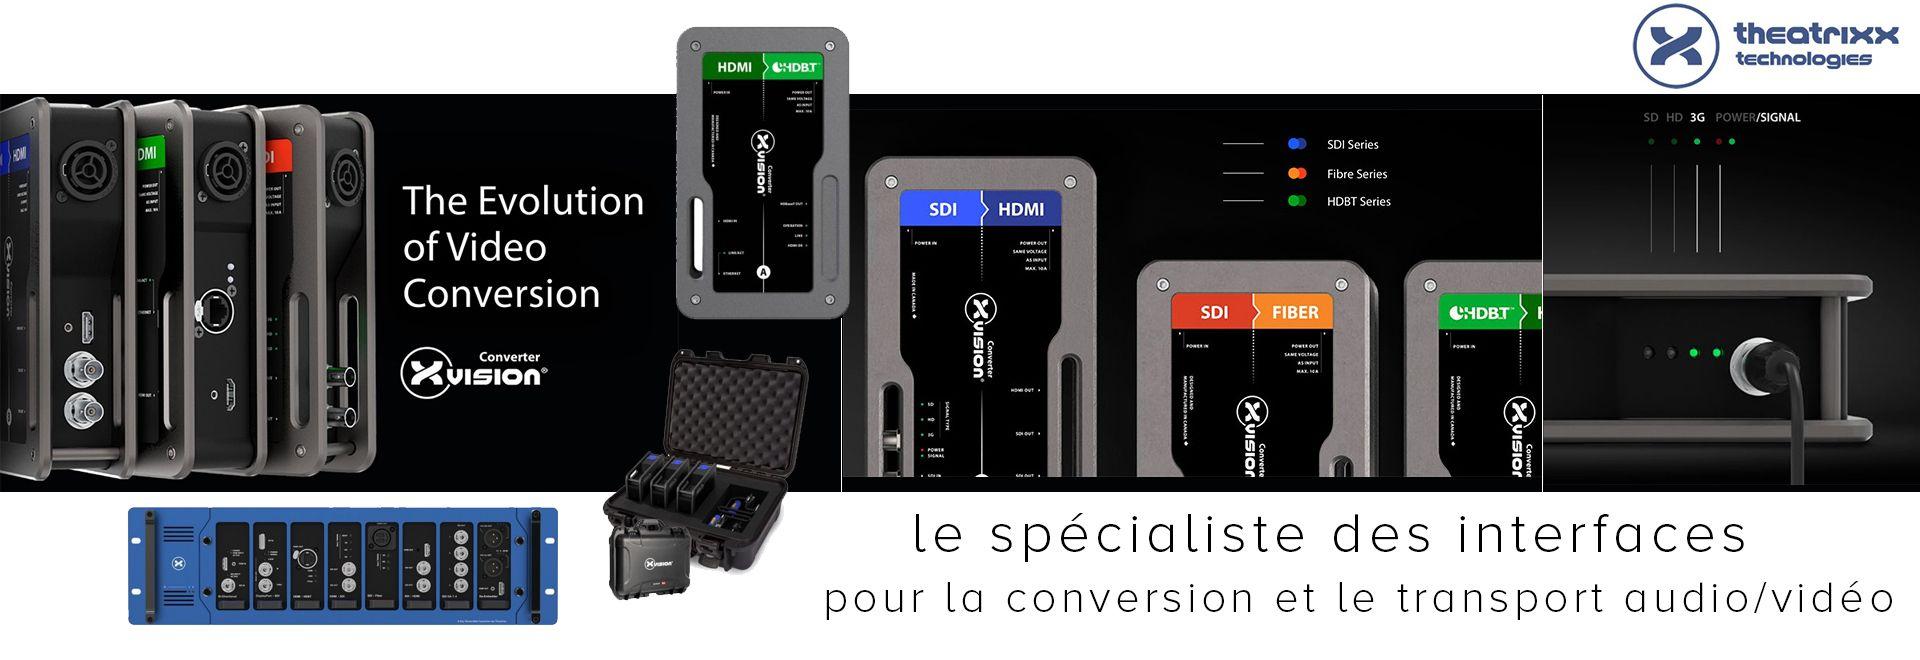 Découvrez Theatrixx, le spécialiste des interfaces pour la conversion et le transport audio/vidéo